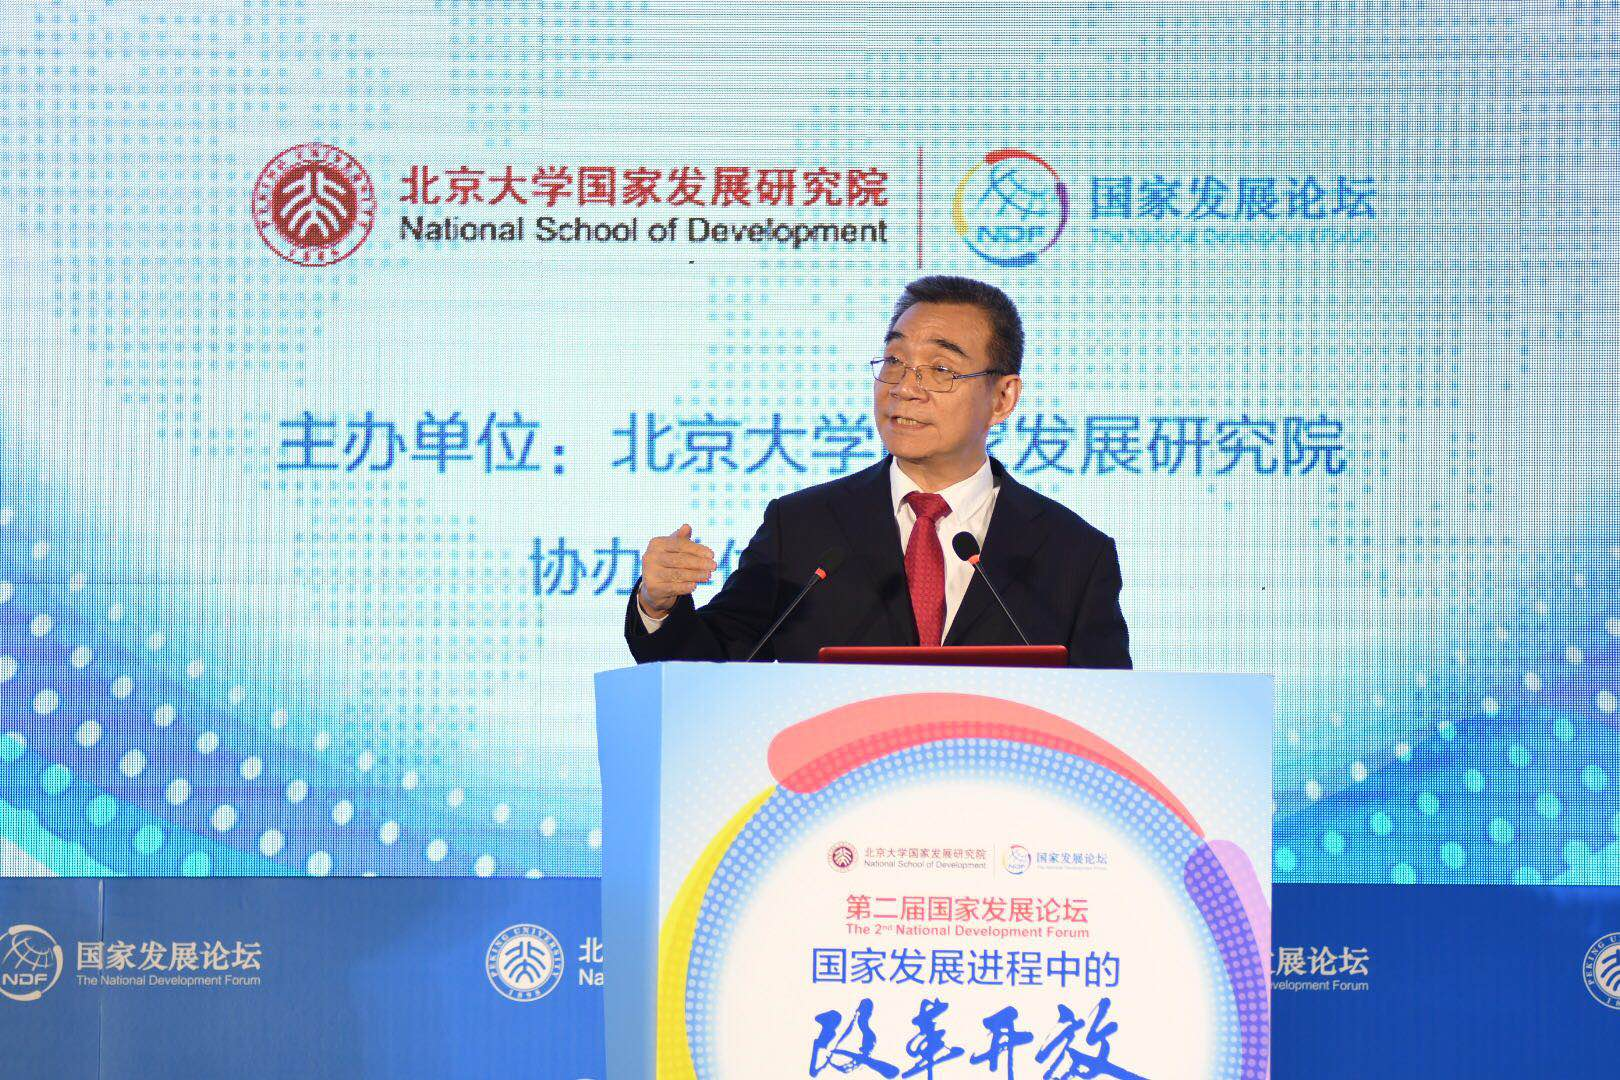 林毅夫:钢铁等行业不应该拖新时代中国经济的后腿